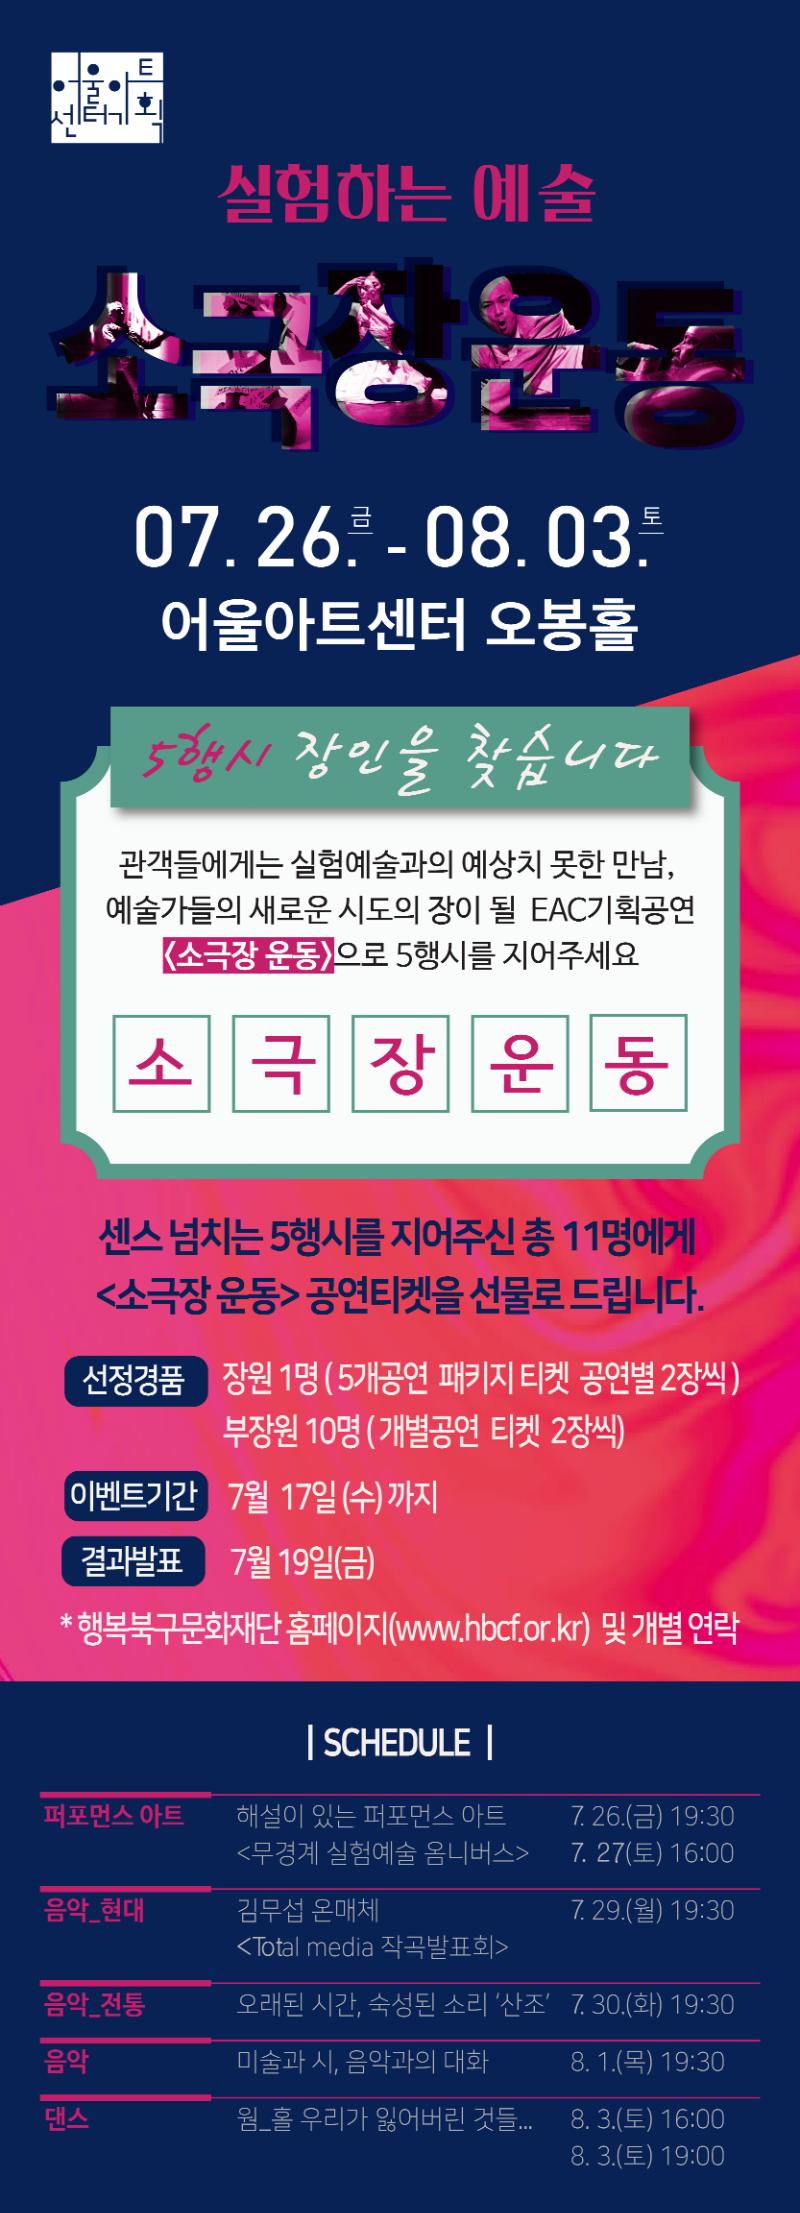 카드_이벤트(소극장운동)-01.png